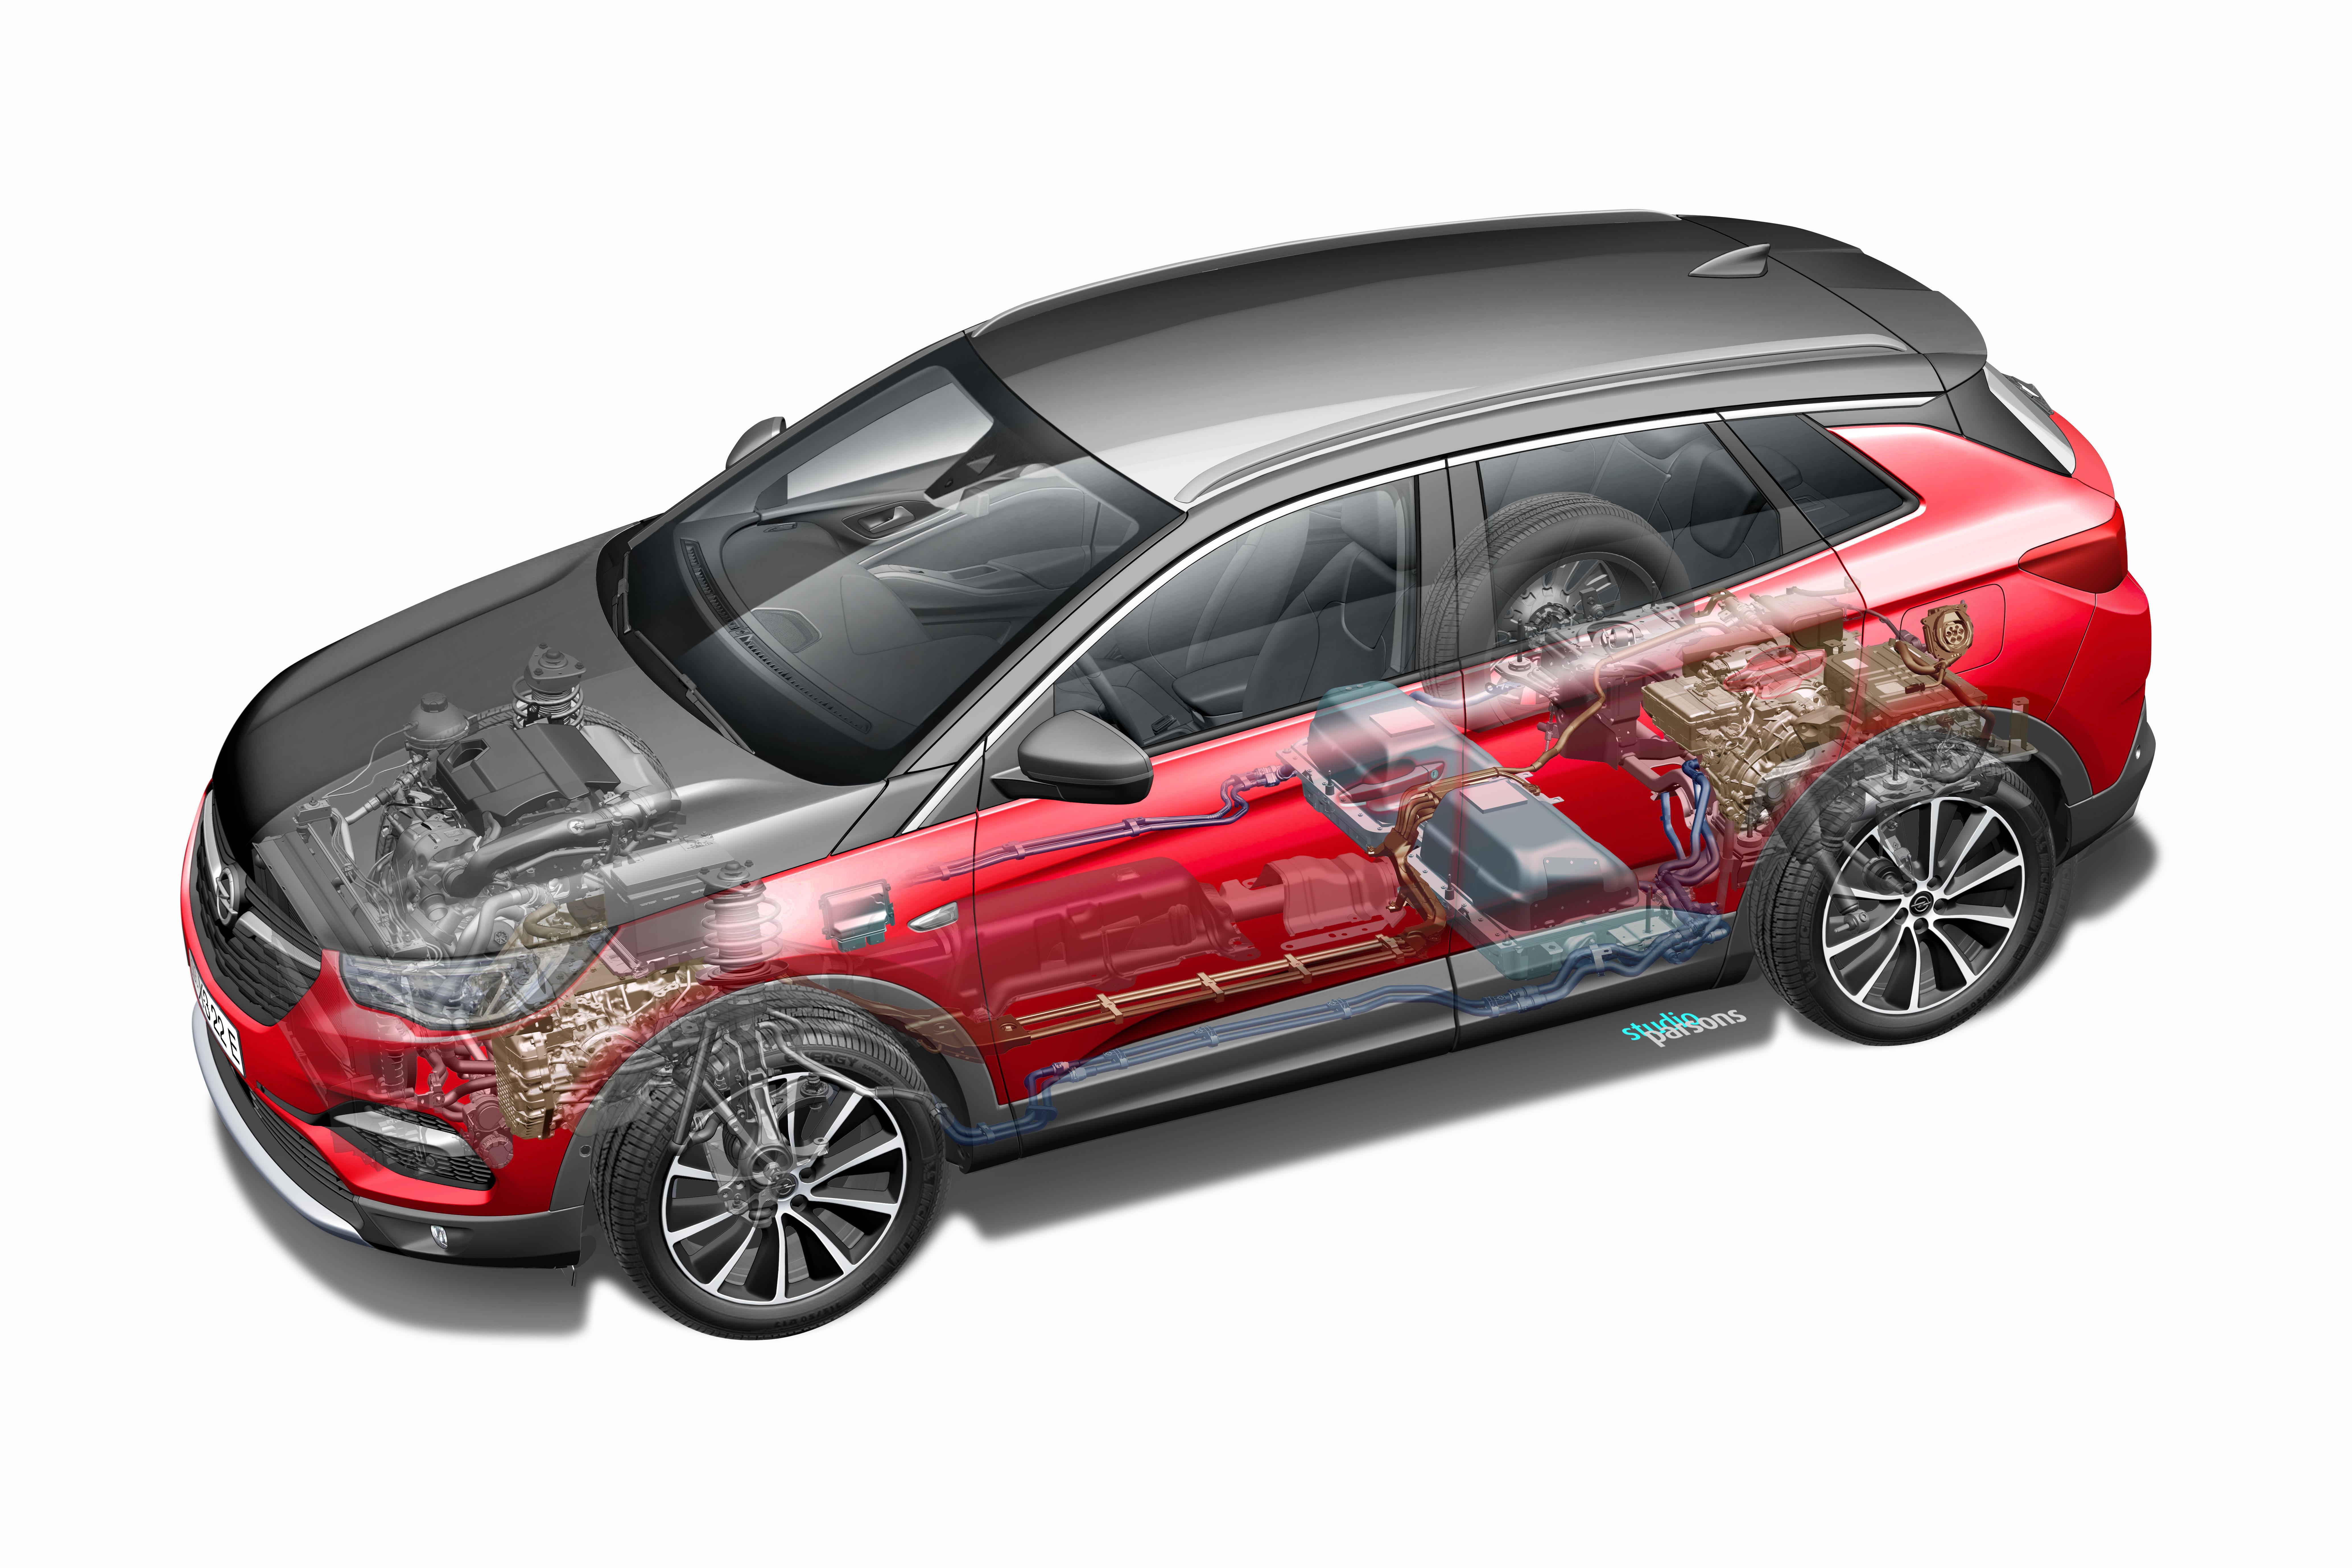 Ο δεύτερος ηλεκτροκινητήρας, ο μετατροπέας και το διαφορικό  είναι ενσωματωμένα στον πίσω άξονα στο Opel Grandland X